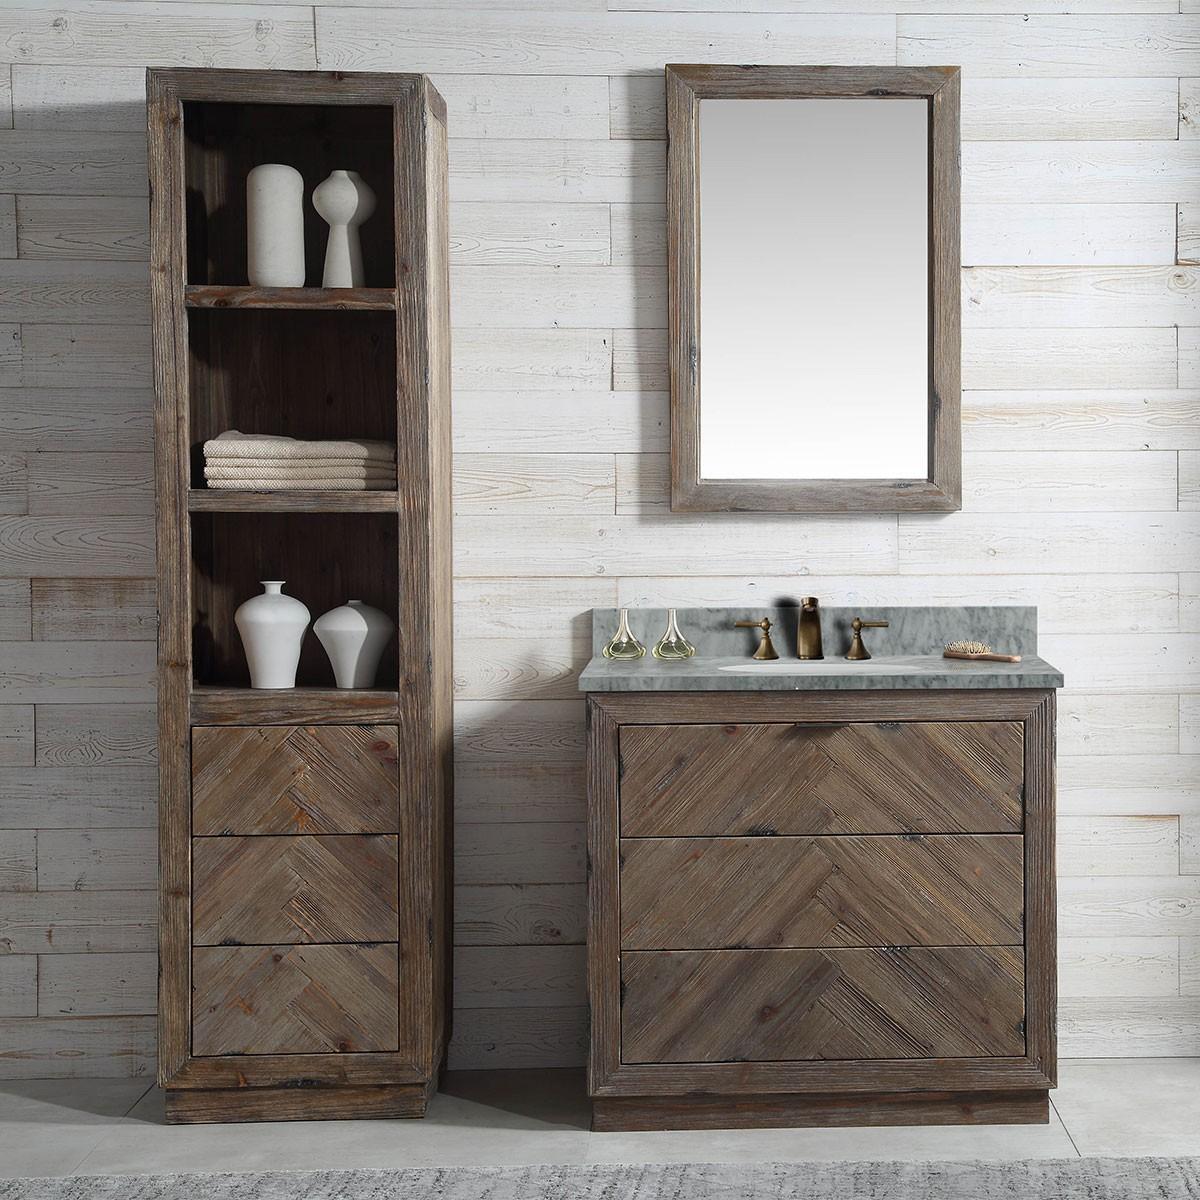 36 In. Freestanding Bathroom Vanity Set (DK-WH9636-BR-SET)